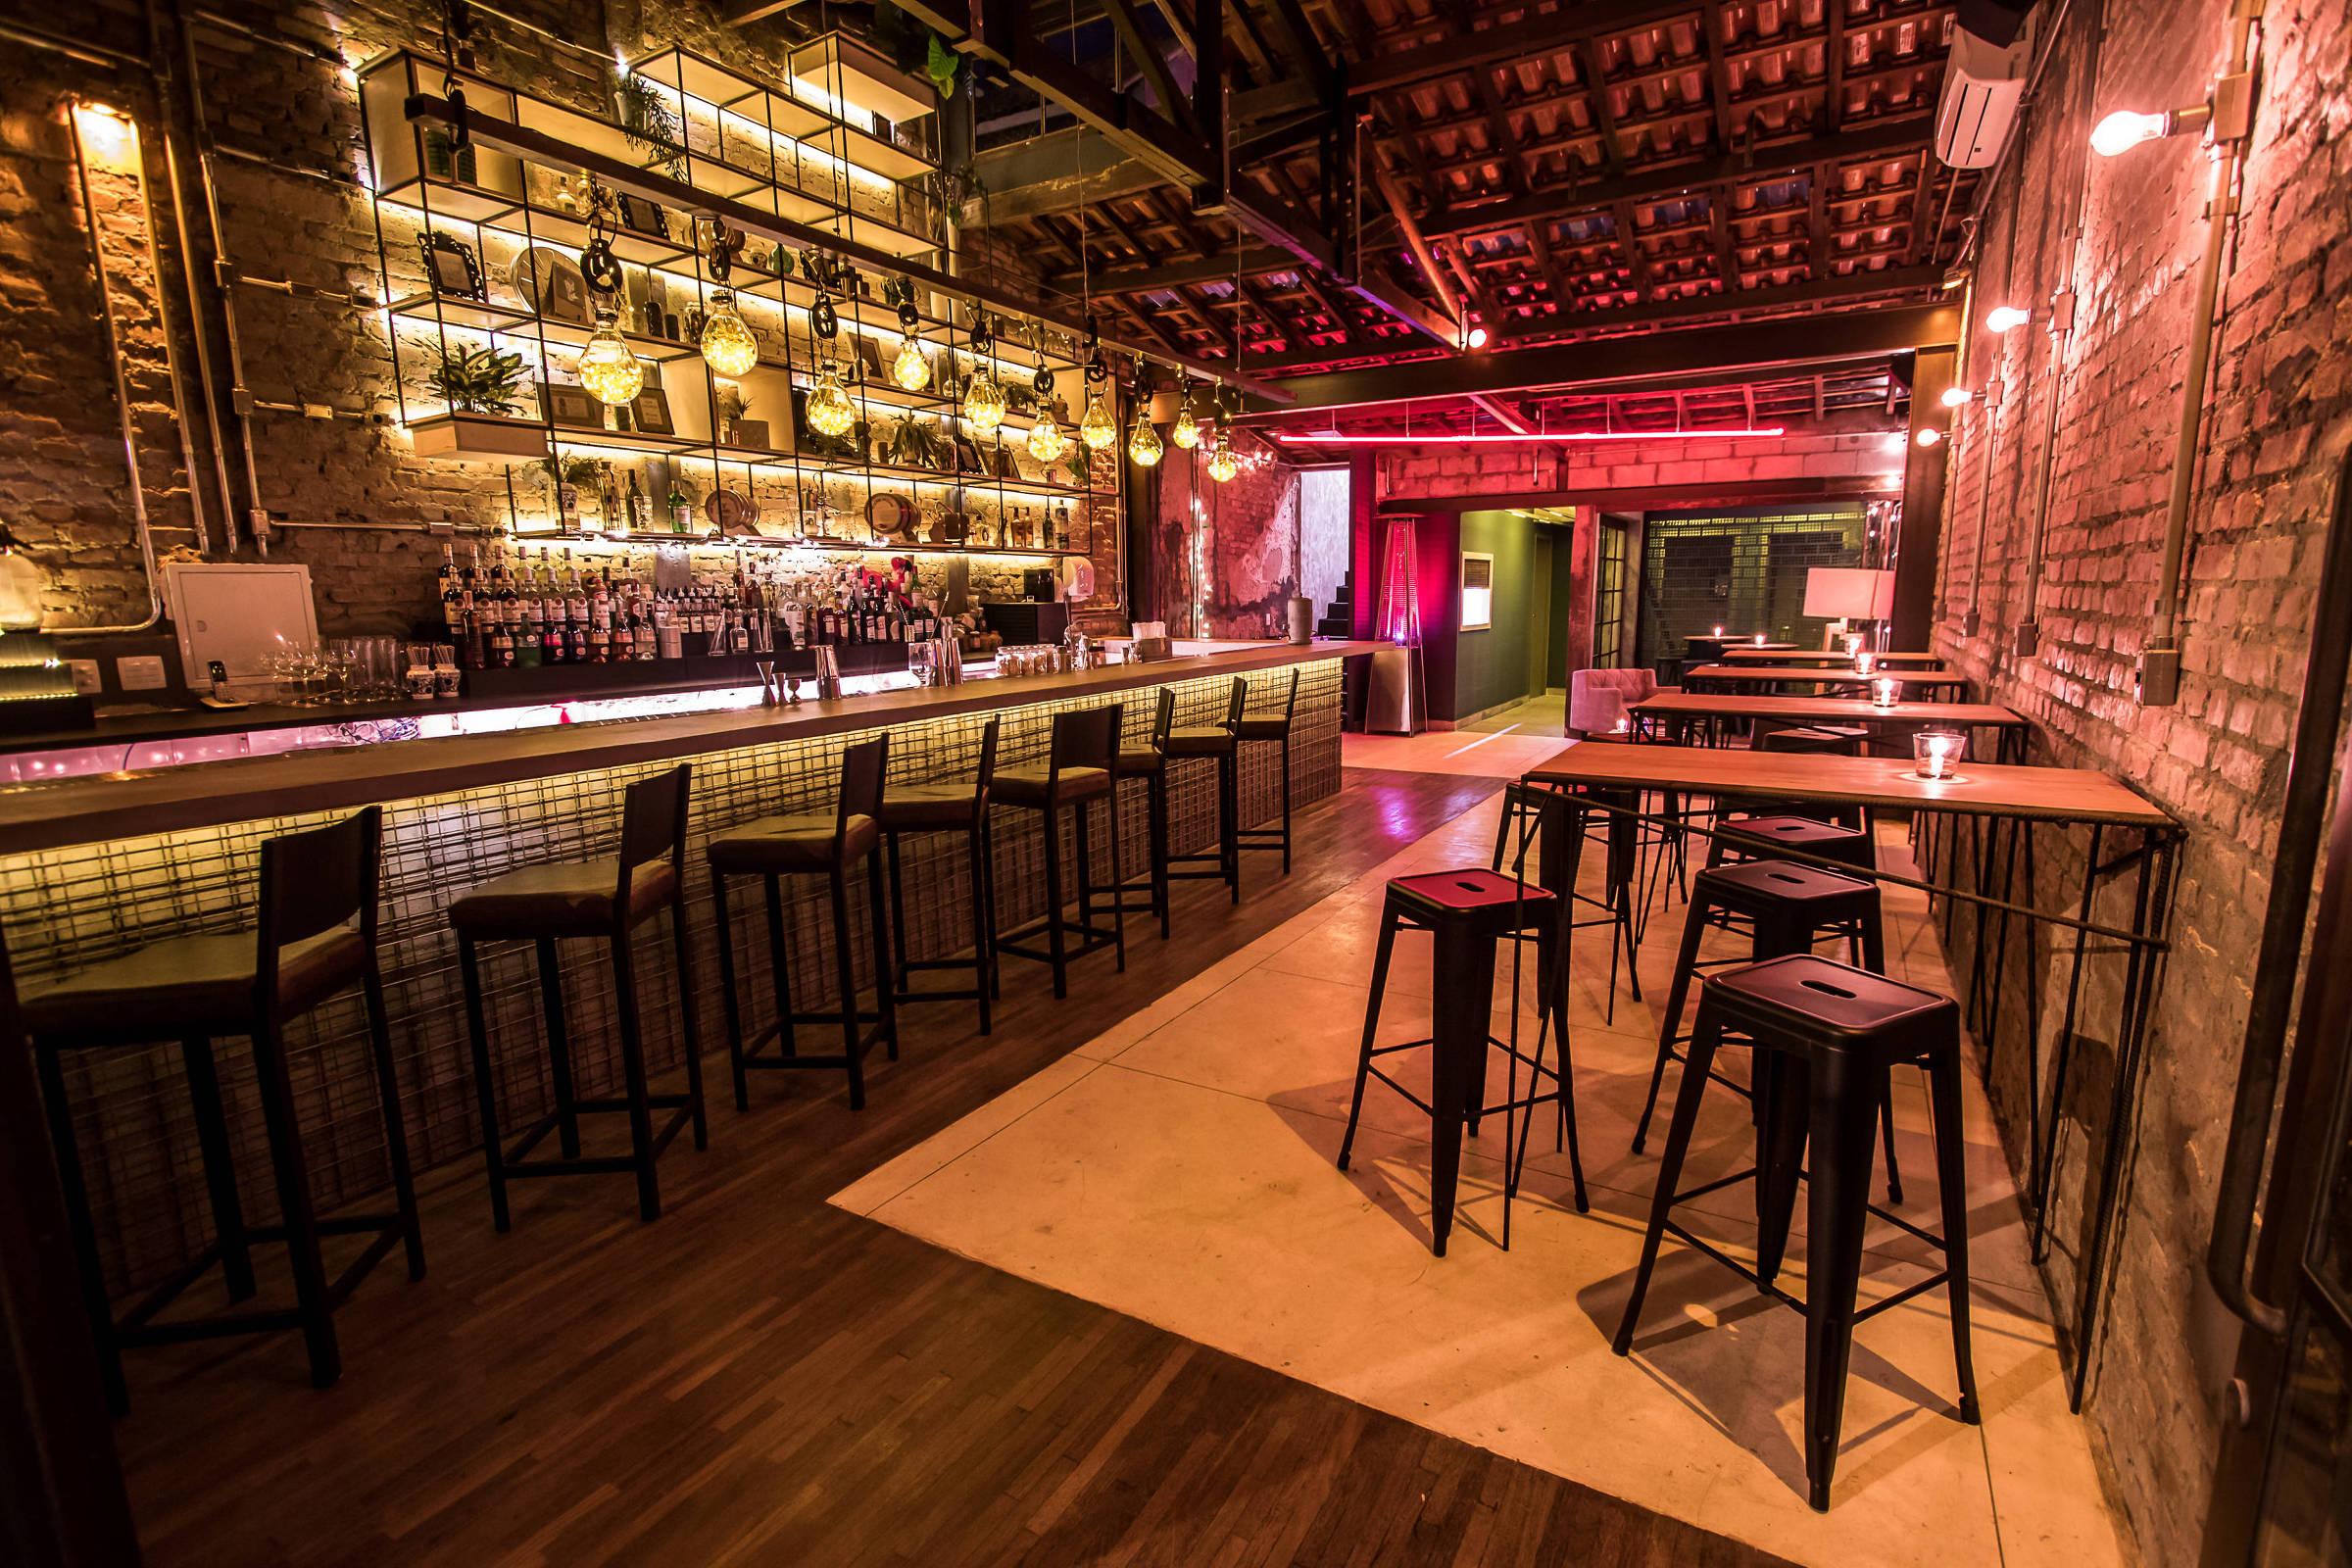 Guilhotina, em SP, é eleito o 15º melhor bar do mundo - 03/10/2019 - Bares  - Guia Folha